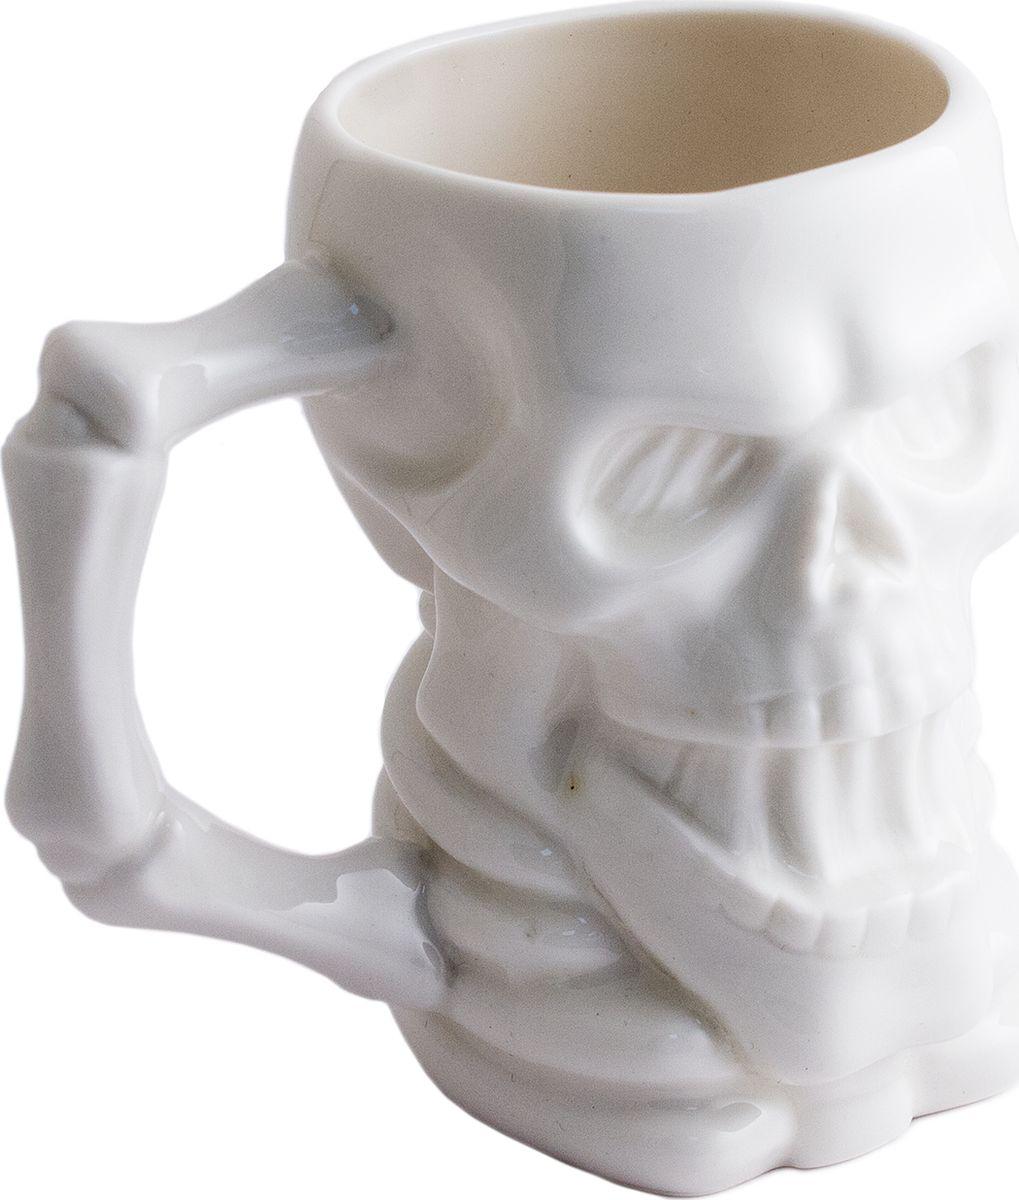 Кружка Эврика Череп New, 300 мл. 9786997869Настоящая пиратская кружка, из которой можно пить не только ром, но и более традиционные для нашего быта напитки, поскольку она рассчитана на кипяток. Корпус в виде черепа и ручка, будто сложенная из косточек, вполне в духе тематической пиратской вечеринки или даже небольшого шуточного шабаша. Материал: керамика Упаковка: картон Размеры кружки: 11х10х8 см, материал - серый картон.